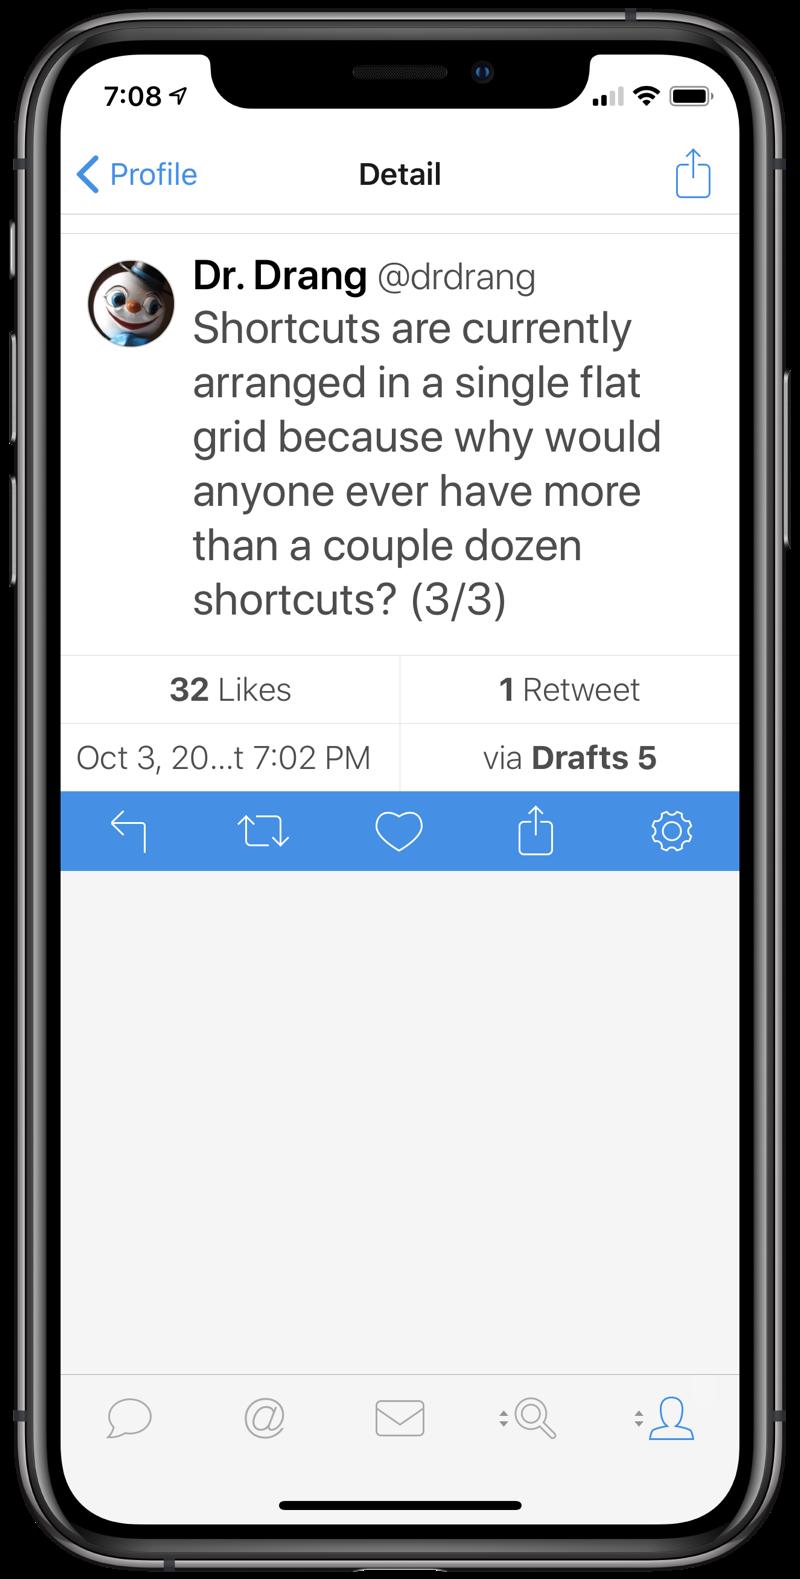 Tweetbot view of a tweet